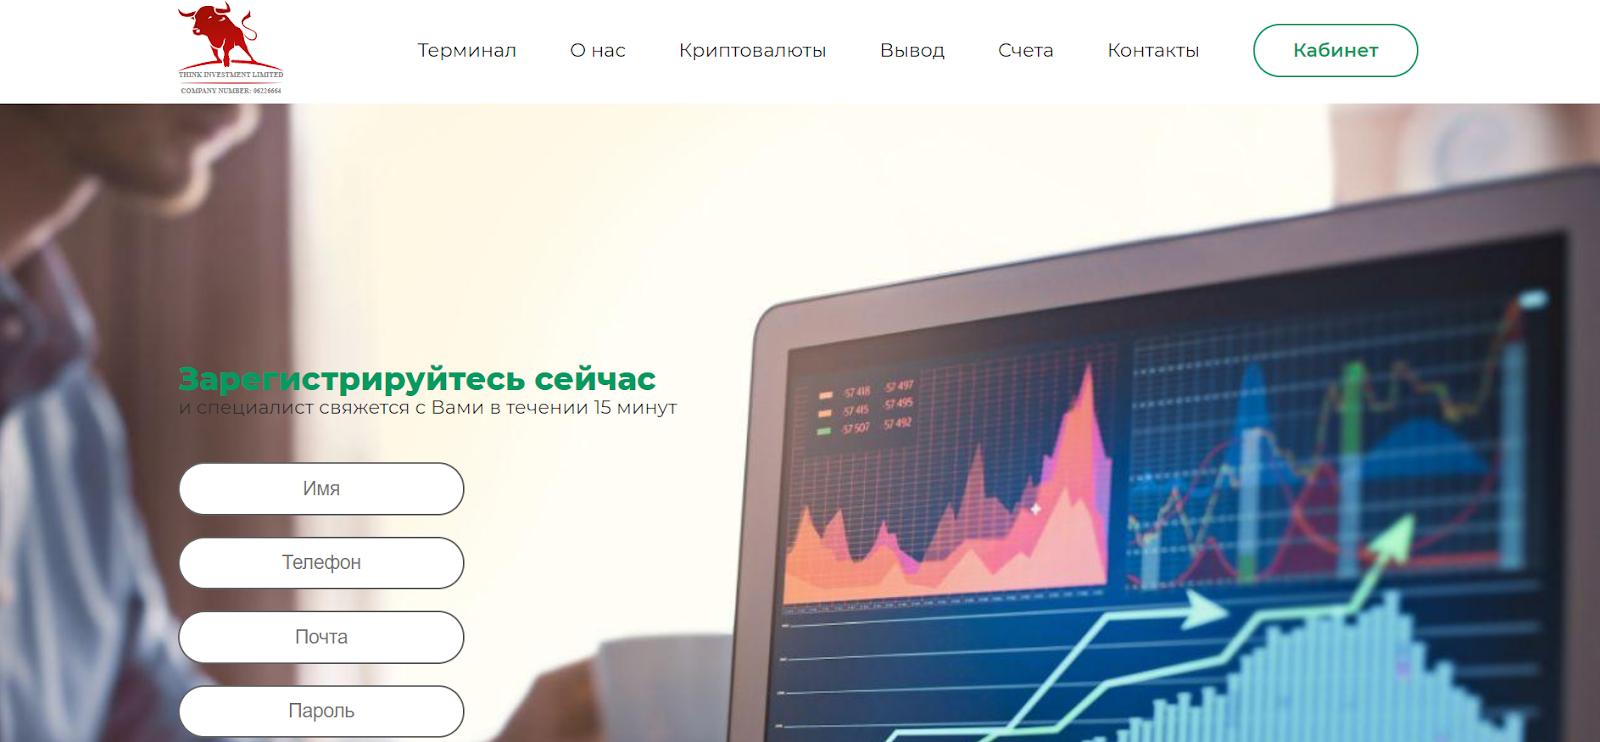 Обзор площадки для торговли цифровыми активами Think Investments Limited, отзывы трейдеров